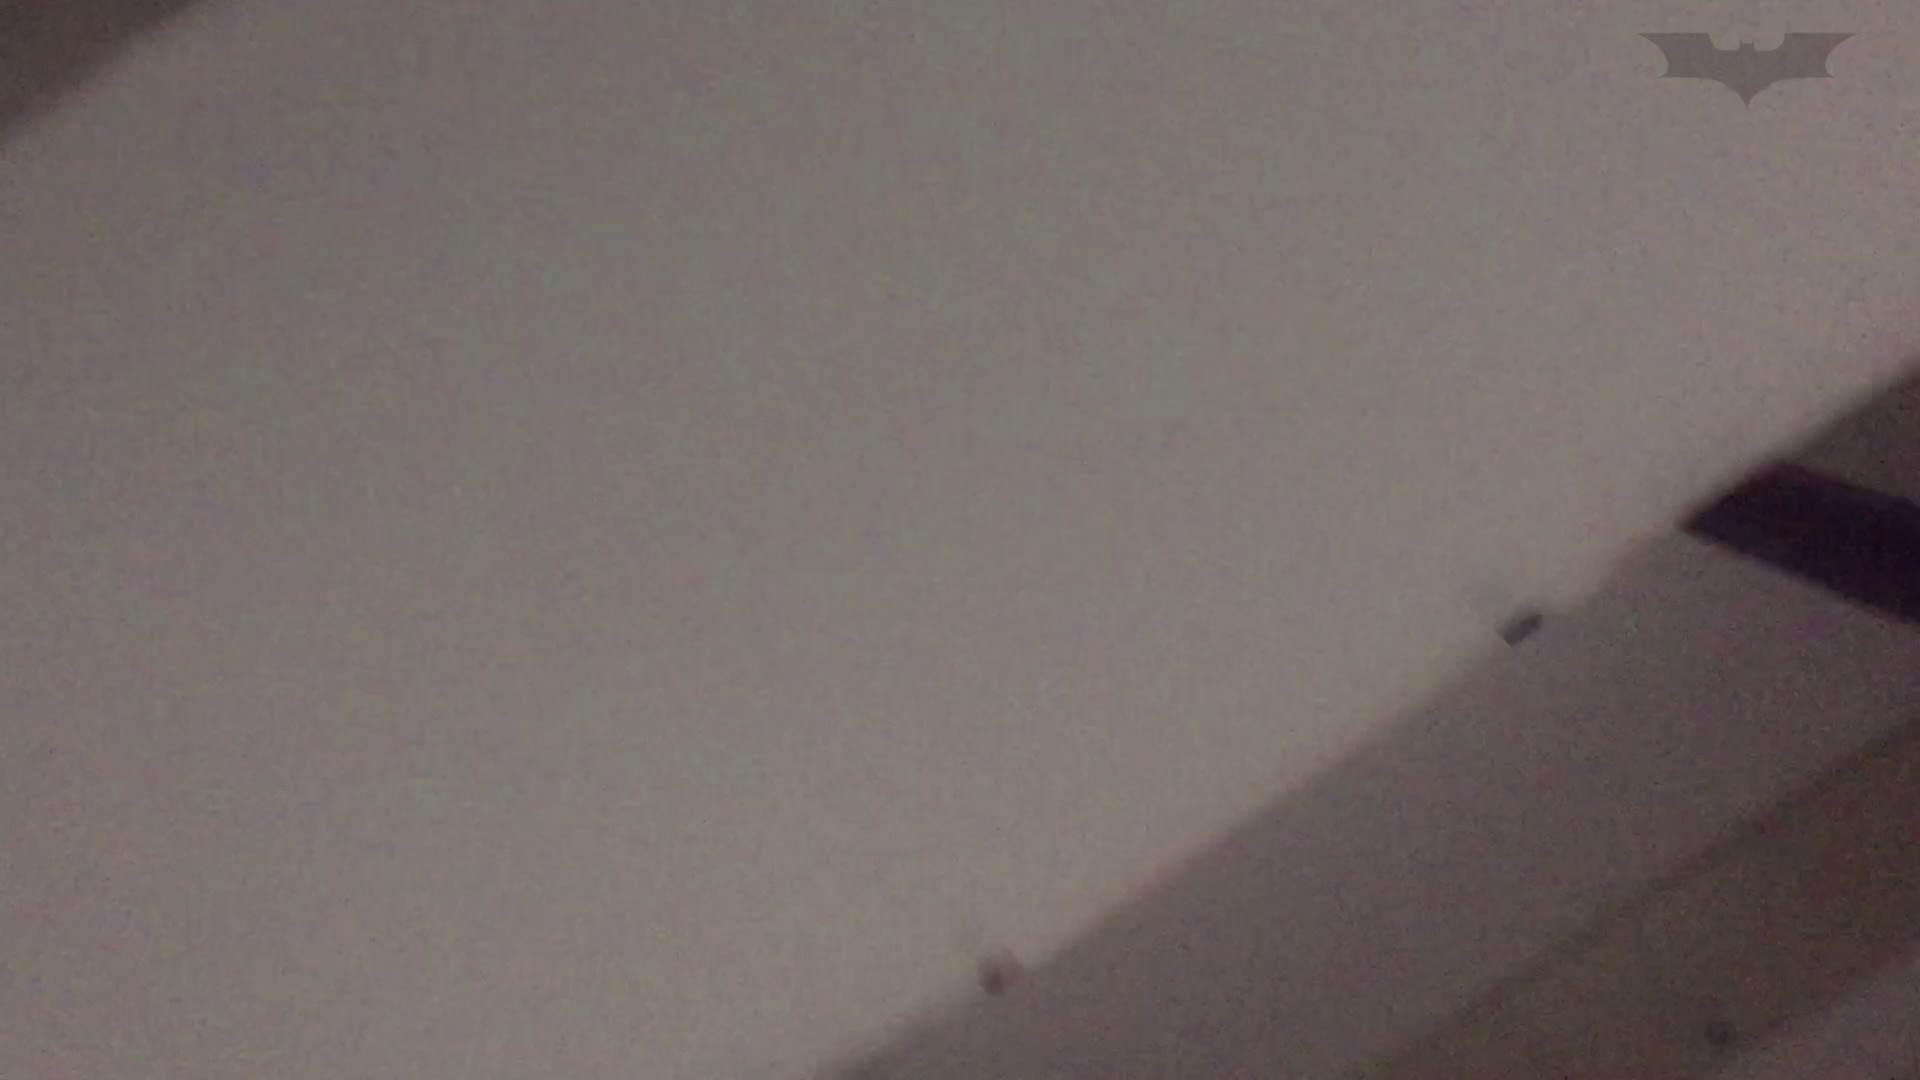 JD盗撮 美女の洗面所の秘密 Vol.69 洗面所着替え   トイレ中  33連発 4